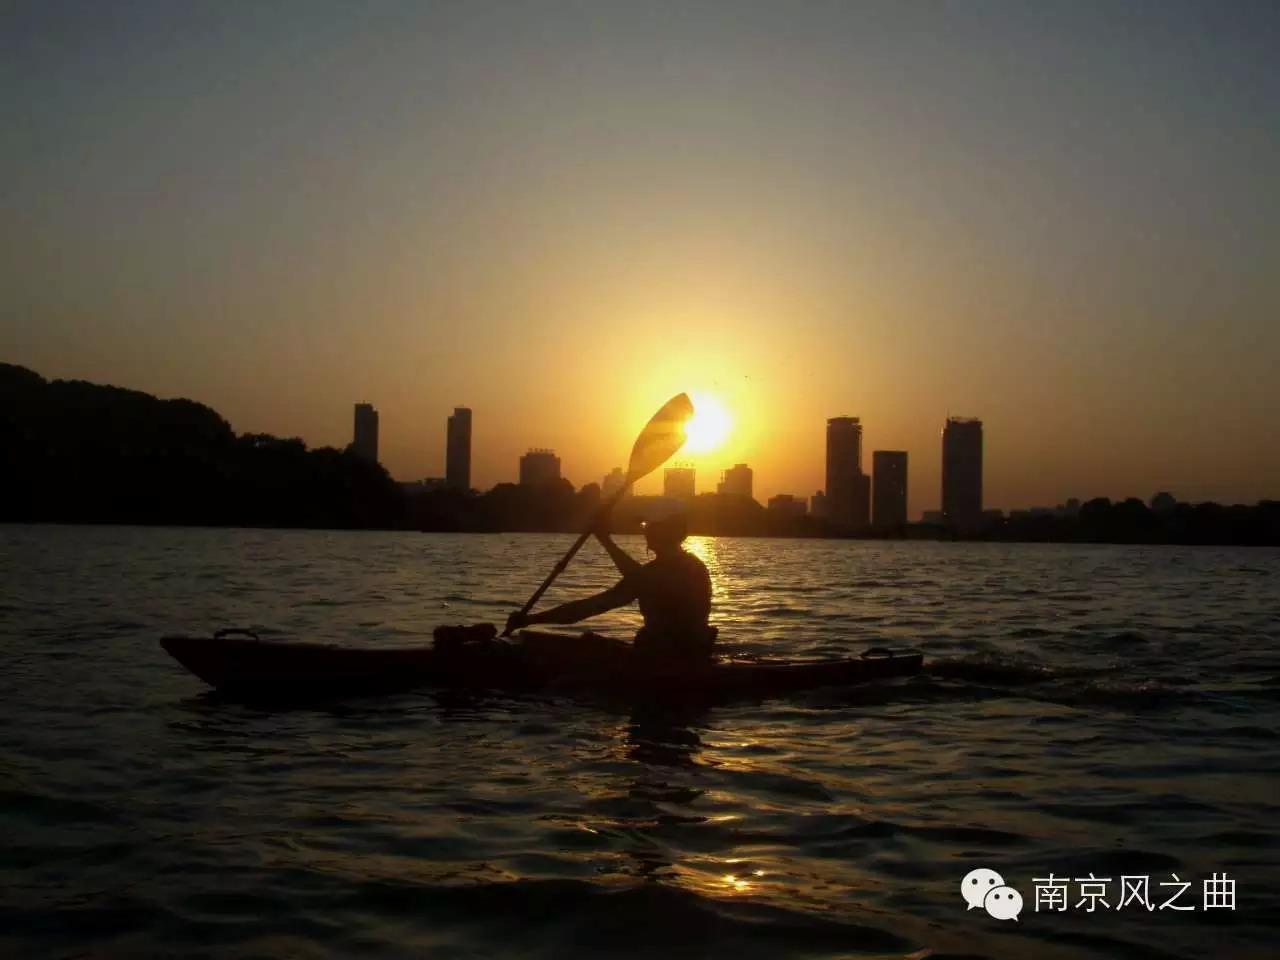 长三角,帆船 2015年江苏航海帆船夏令营之一南京风之曲 c9e5ef2a51b1f0ae75eddcd315e01a62.jpg